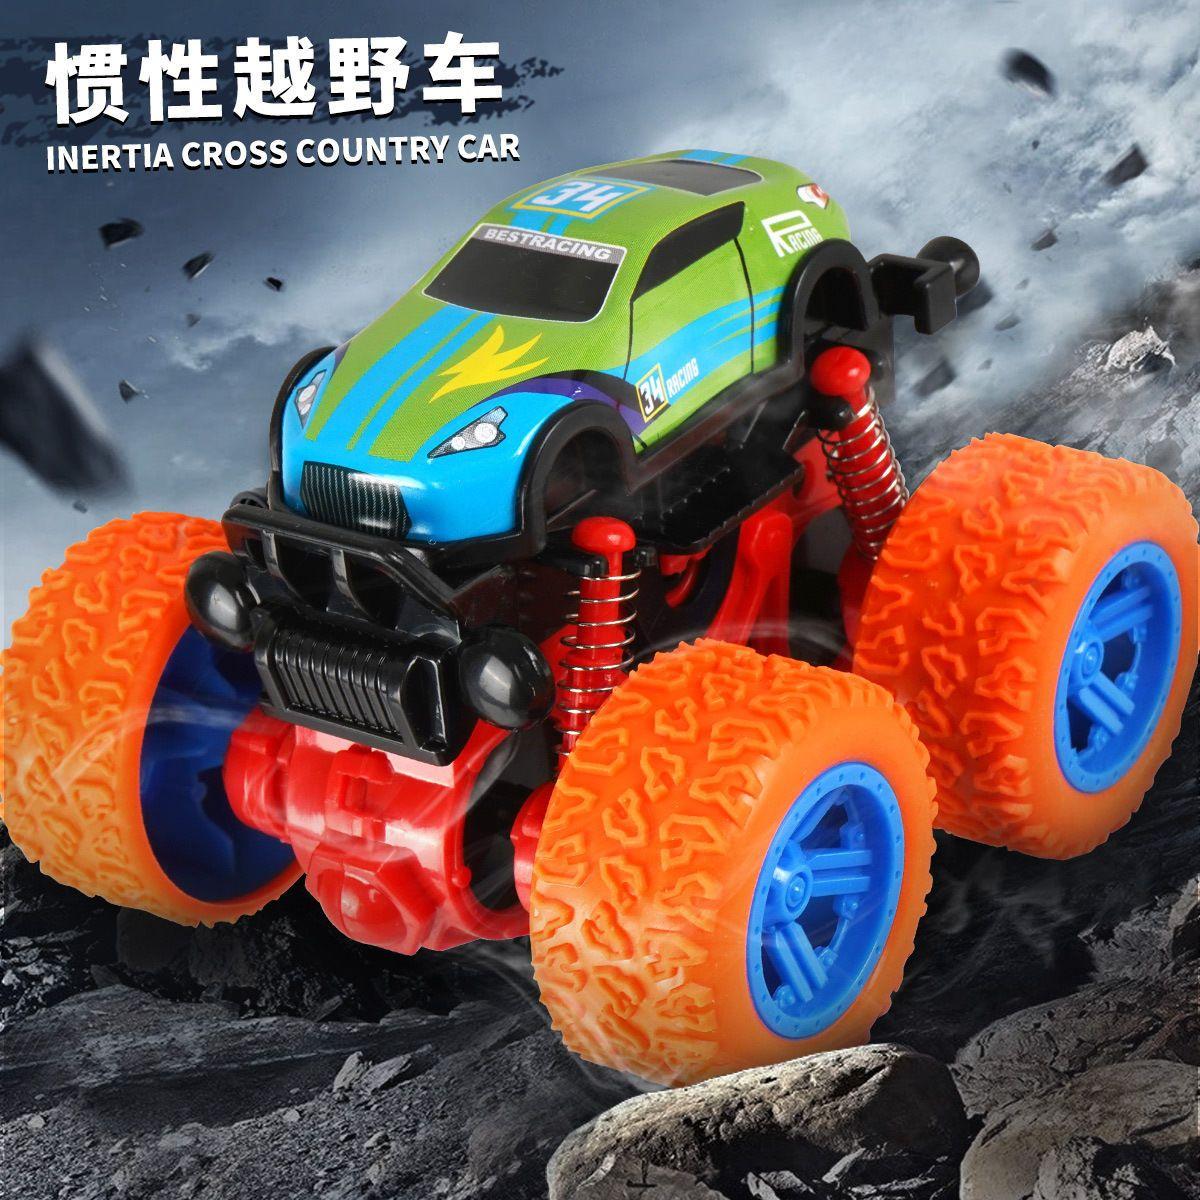 四驱惯性越野车特技车儿童男孩汽车模型车抗耐摔玩具车礼品翻斗车